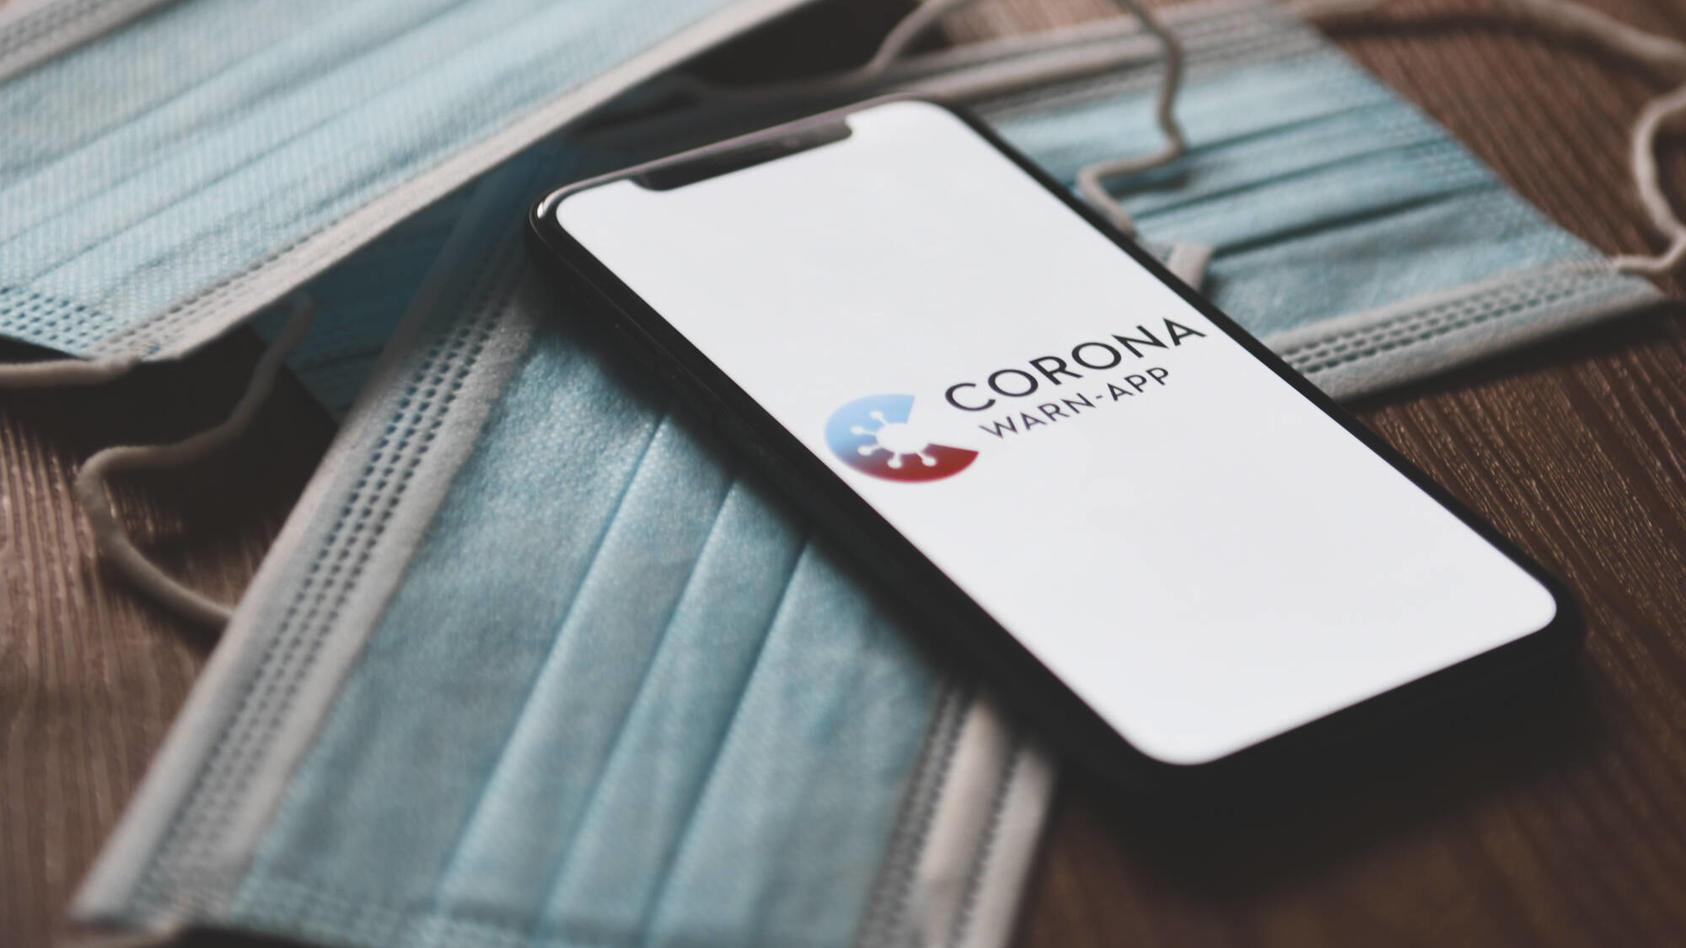 Corona-Warn-App, Das Logo der Corona-Warn-App auf einem Smartphone. Mithilfe der App werden Bürger benachrichtigt, soll